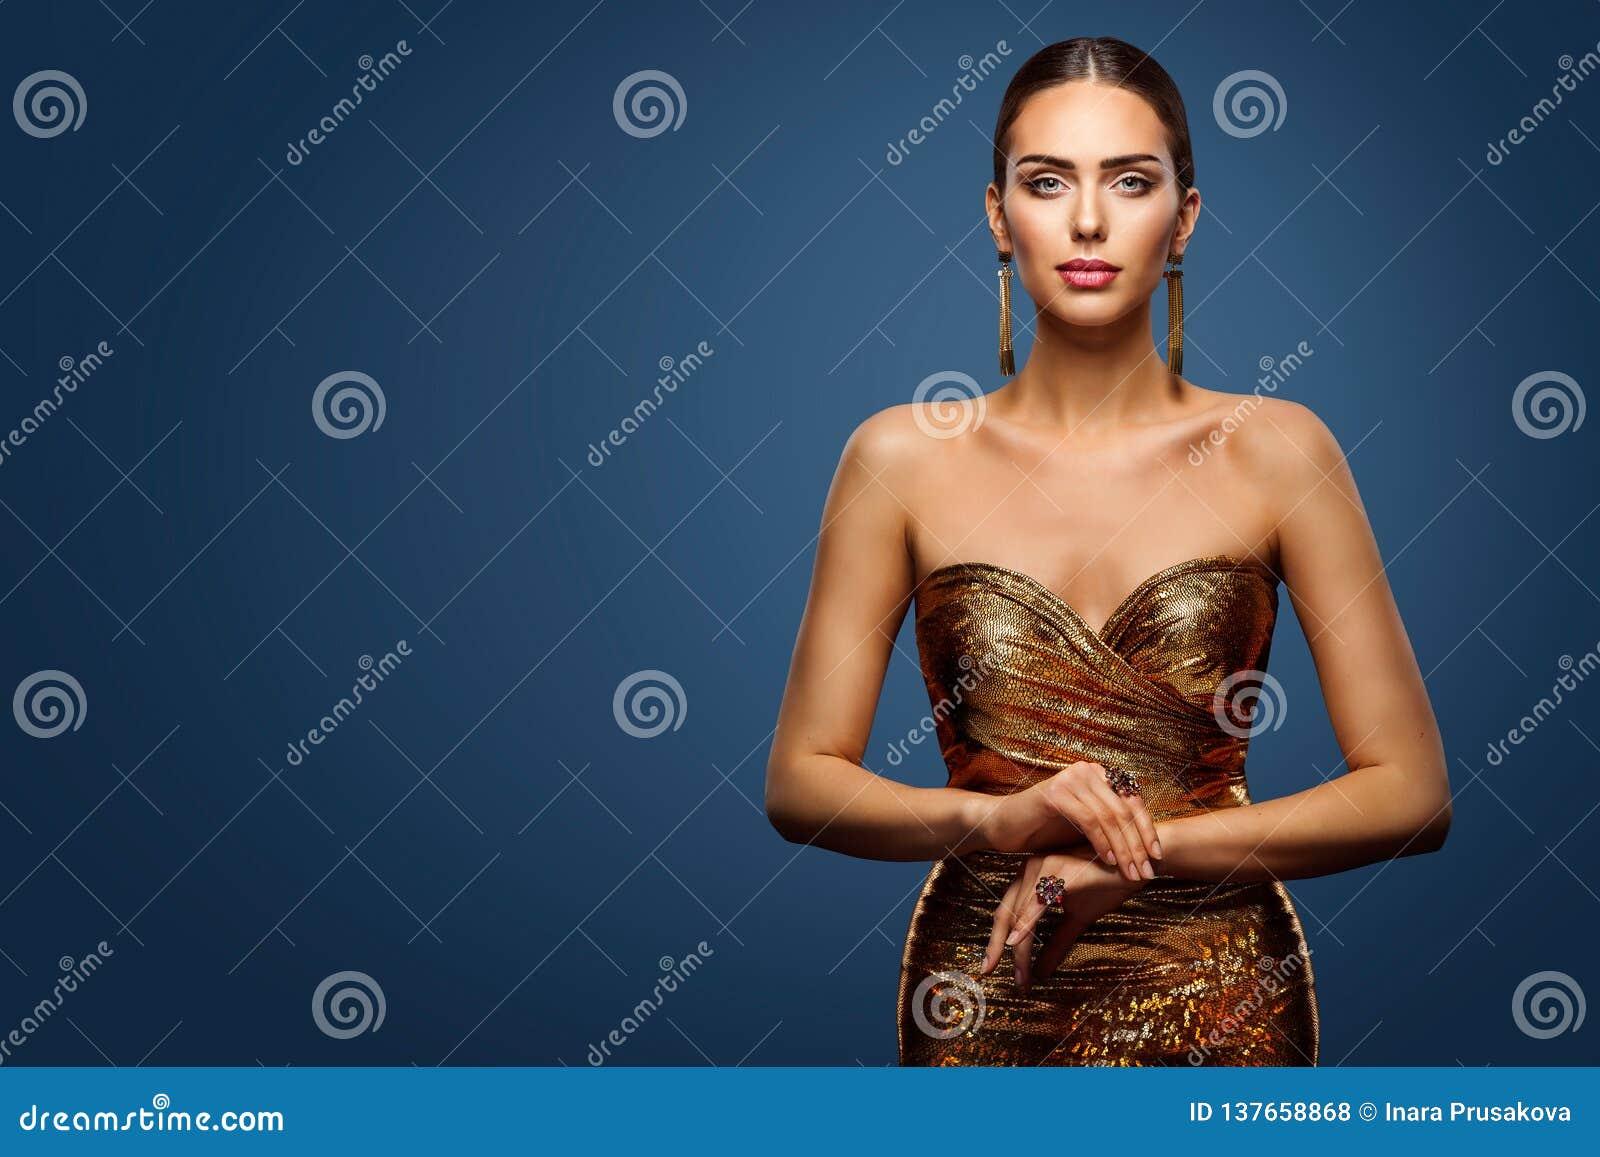 Vestido do ouro da mulher, modelo de forma Sparkling Sequin Gown, retrato da beleza da moça